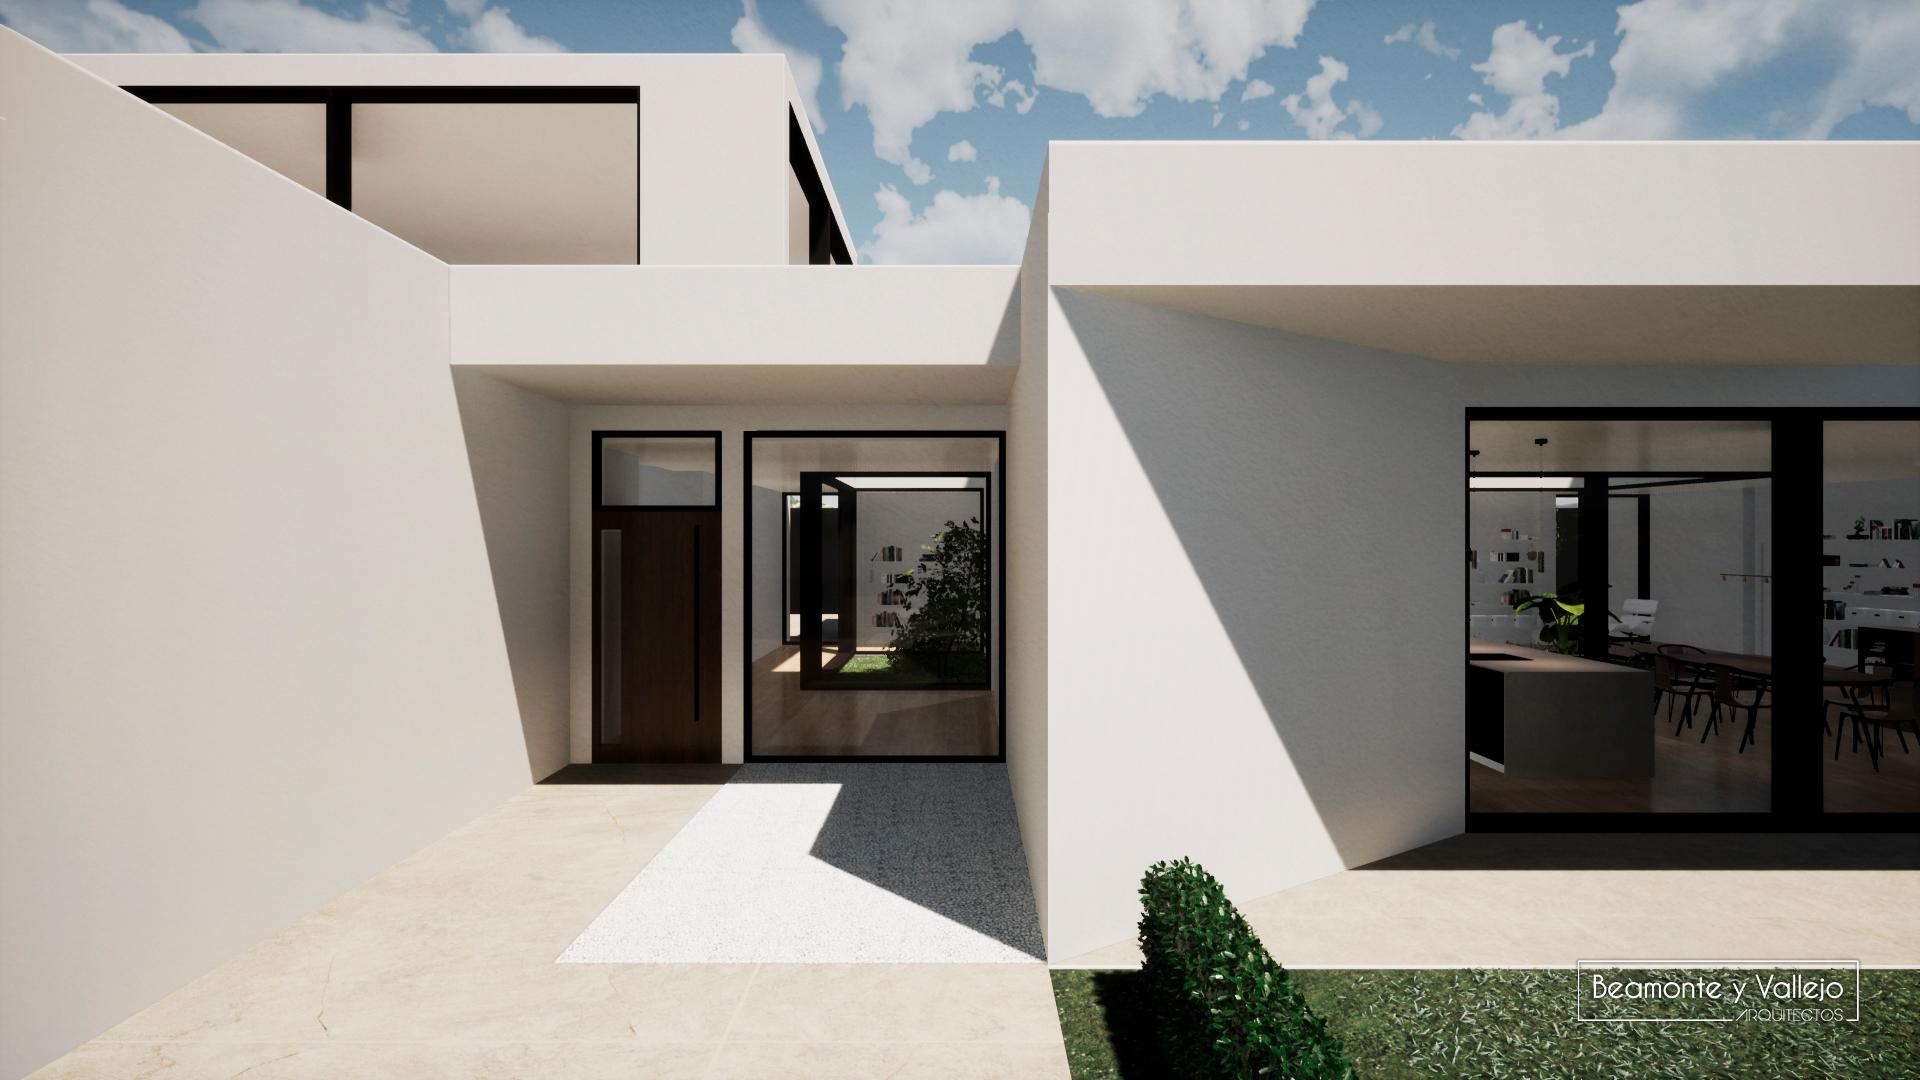 Beamonte y Vallejo Arquitectos - Passivhaus Zorongo I - 3